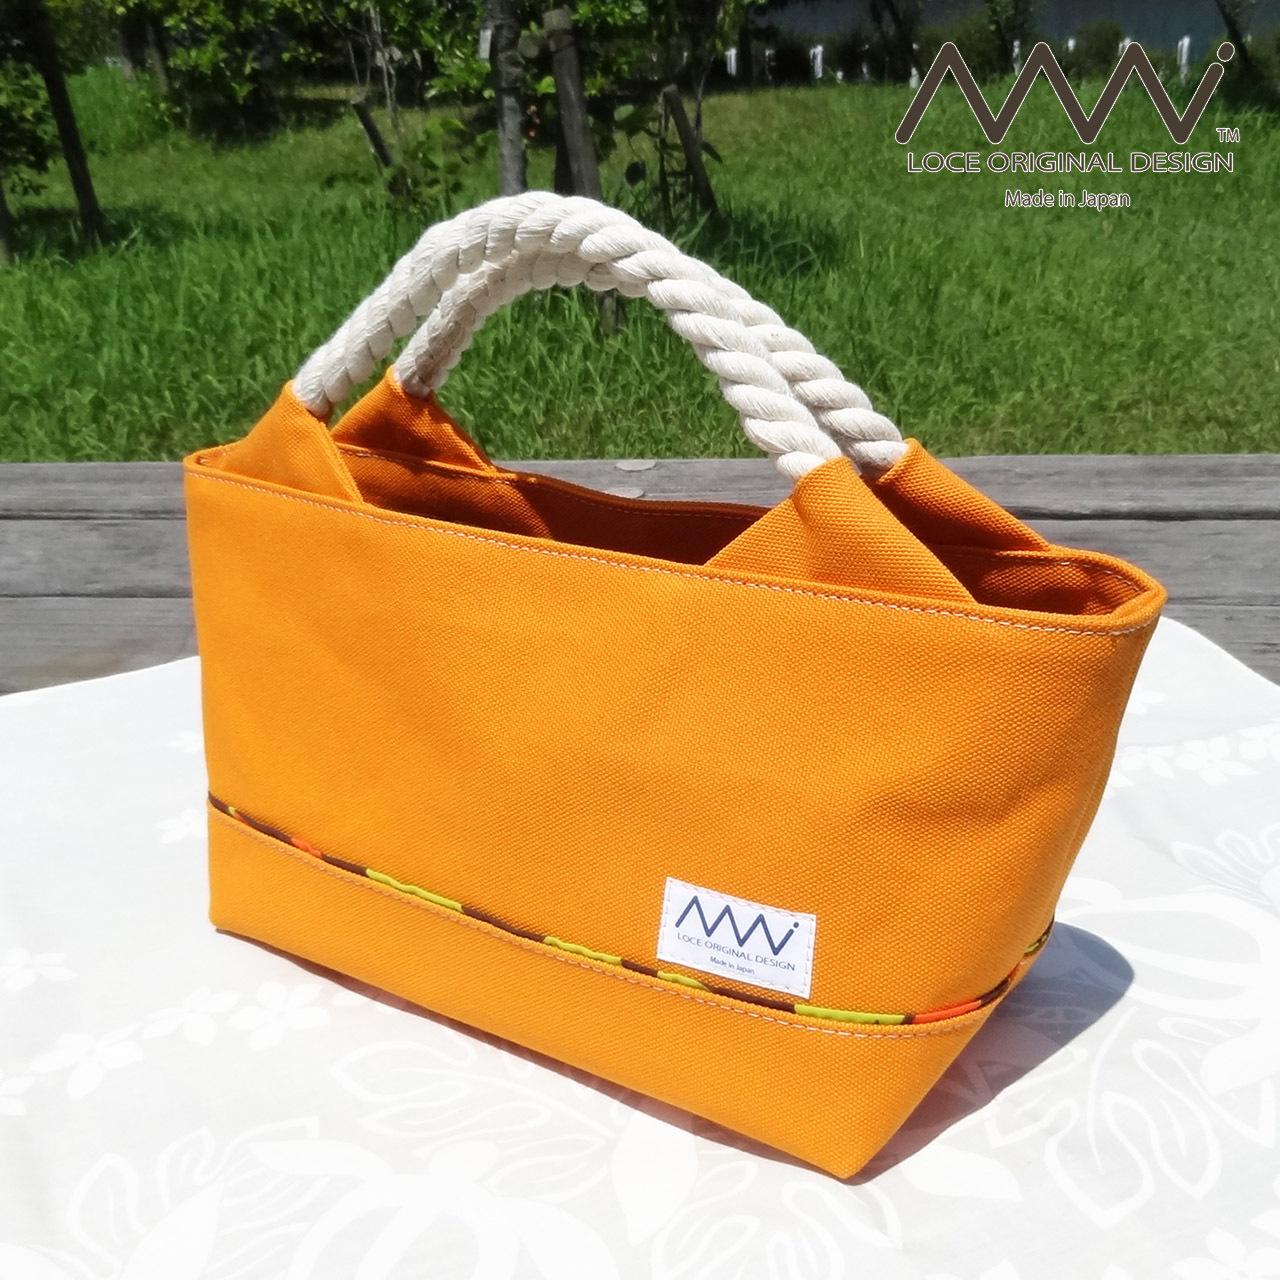 ハワイアンテイストなロープ紐ハンドルのミニトートバッグ